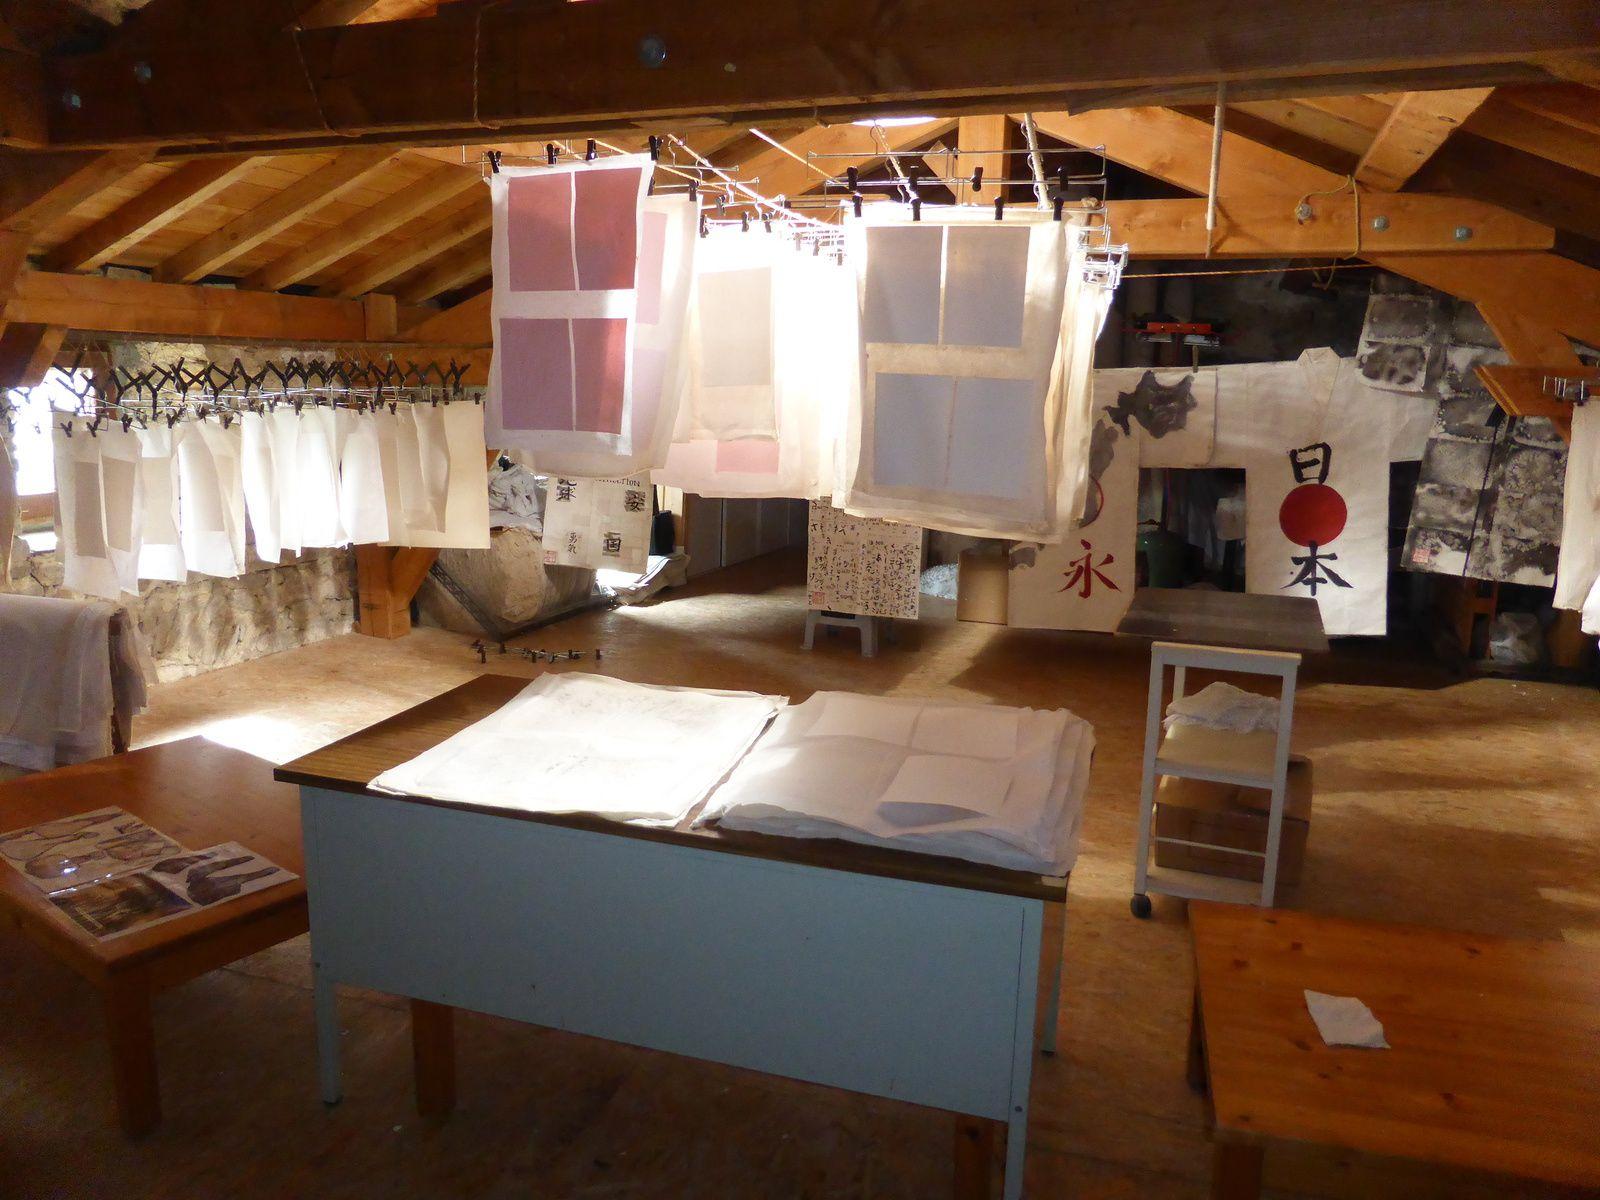 Mes visites en camping-car ... suite de mes vacances 2015 - Moulin à papier de Brousses